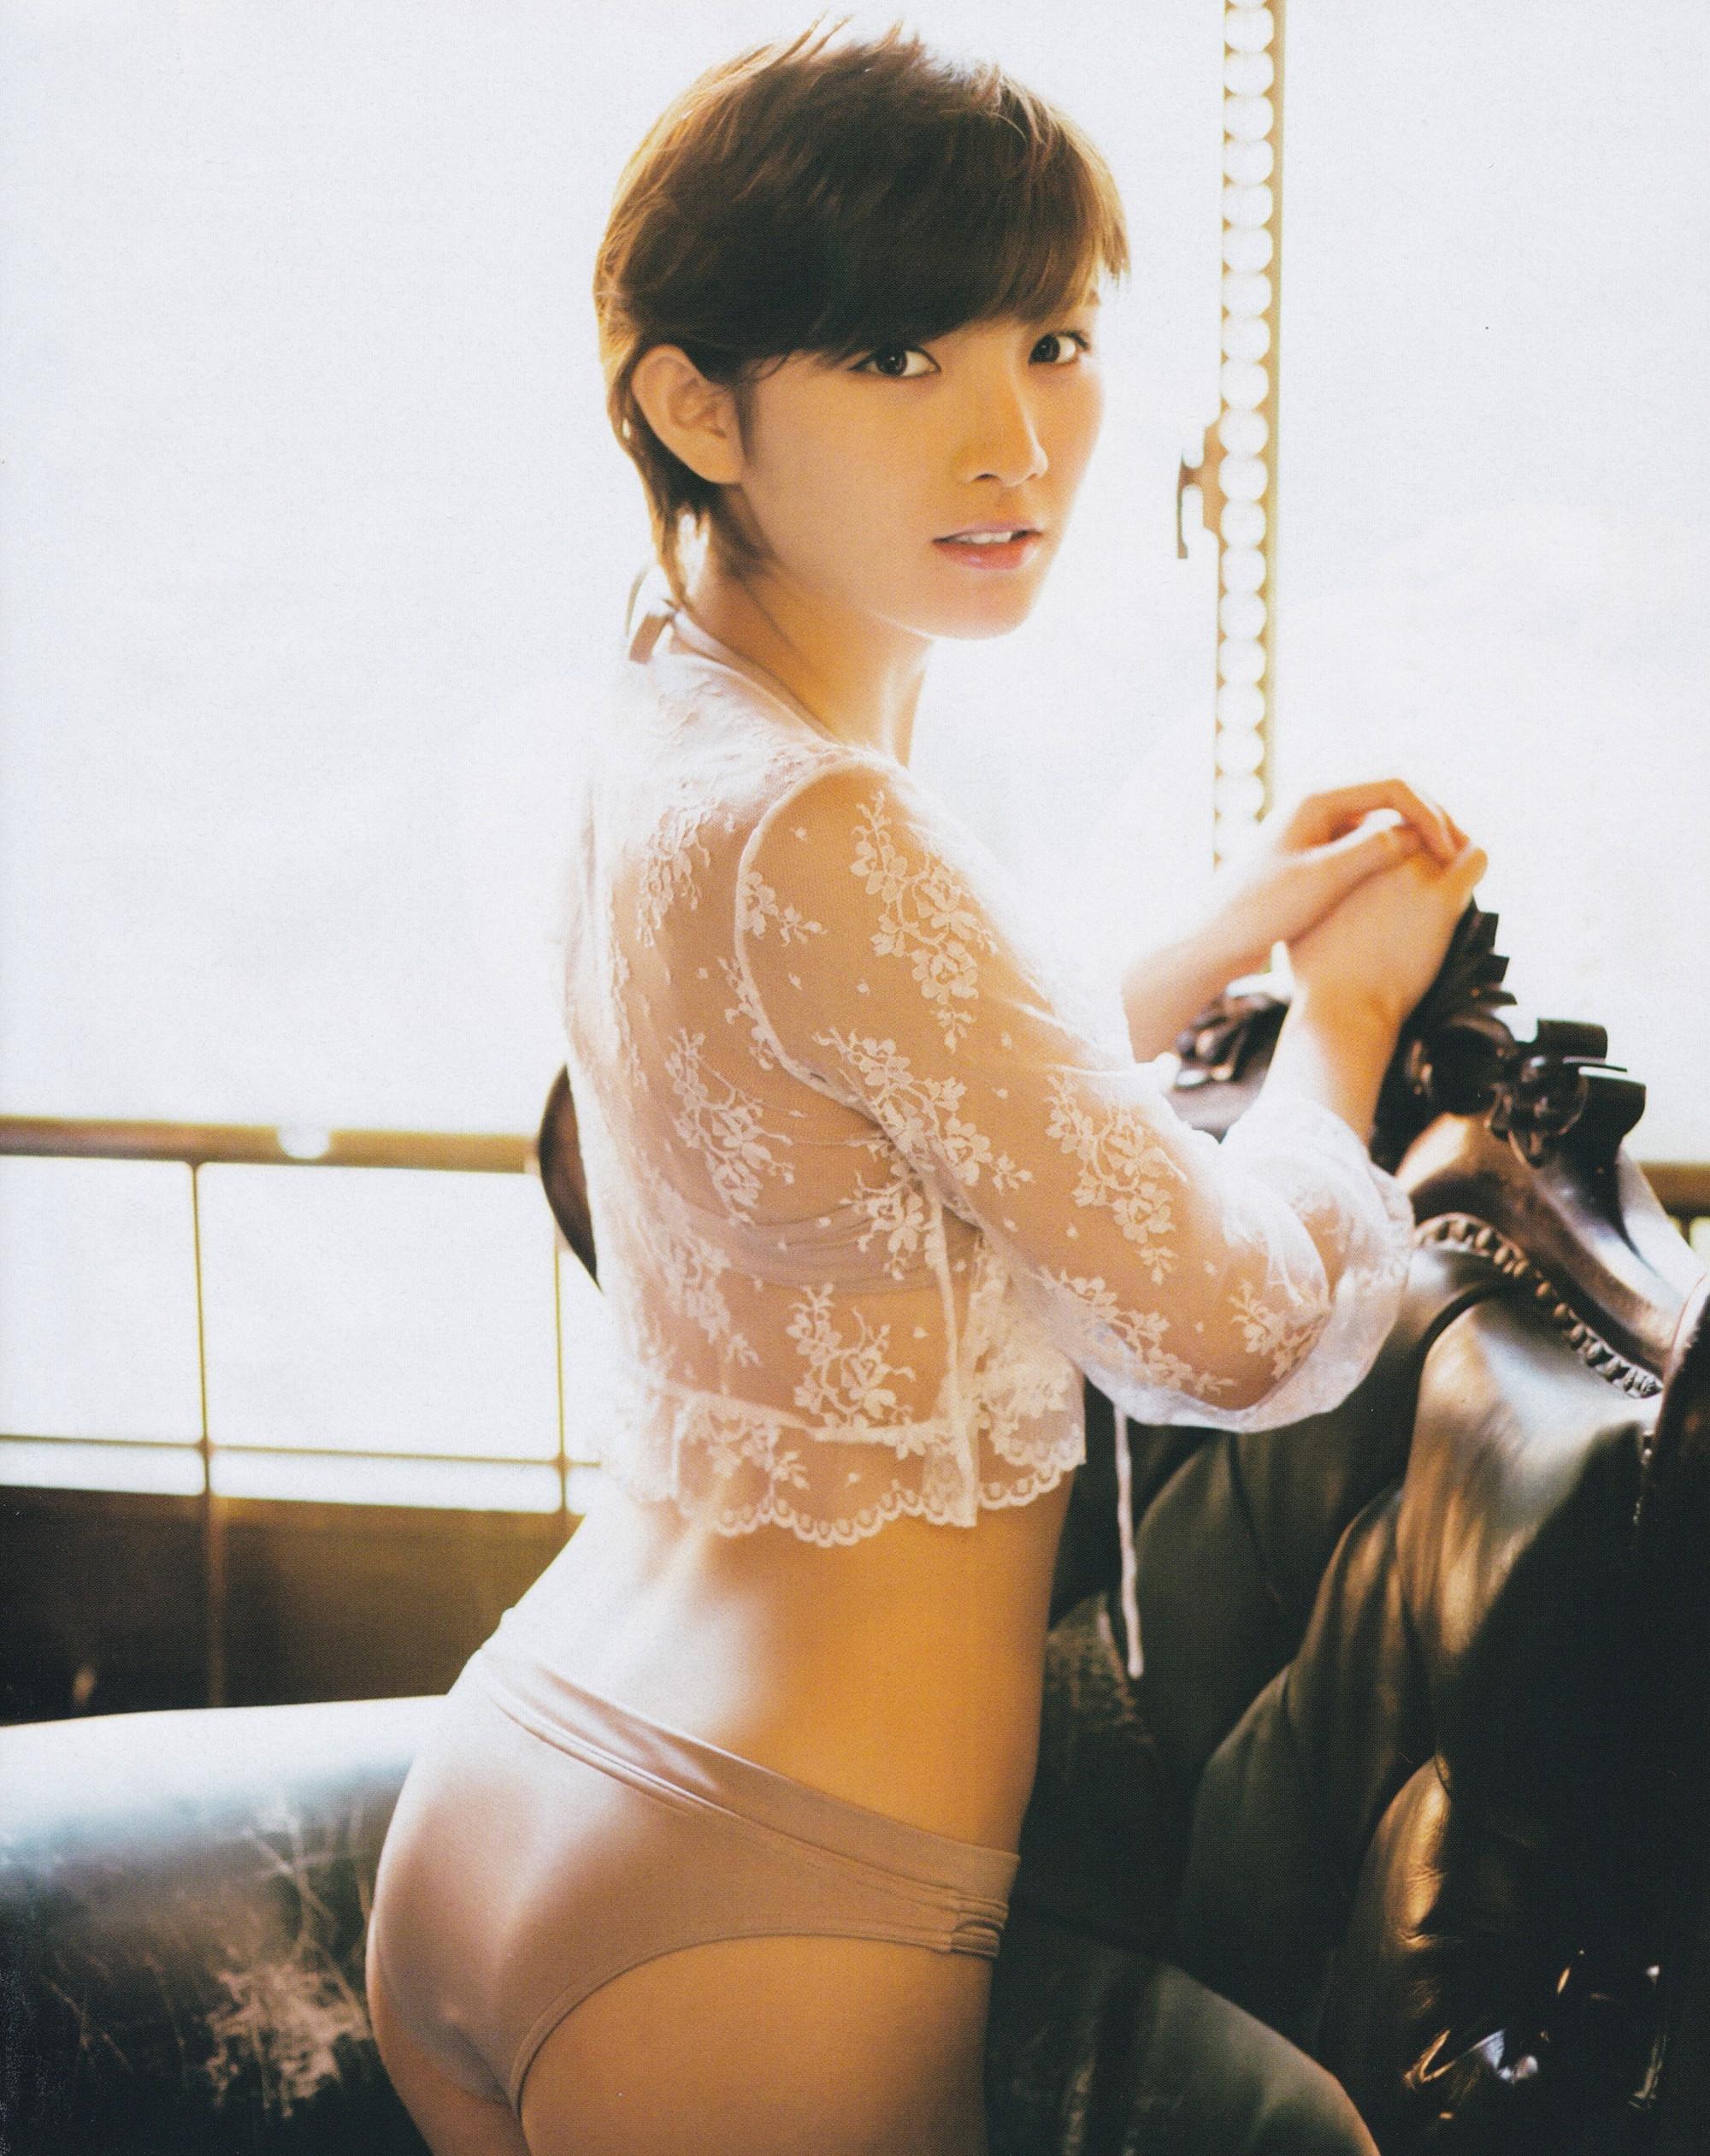 岡田奈々 (AKB48)の画像 p1_30